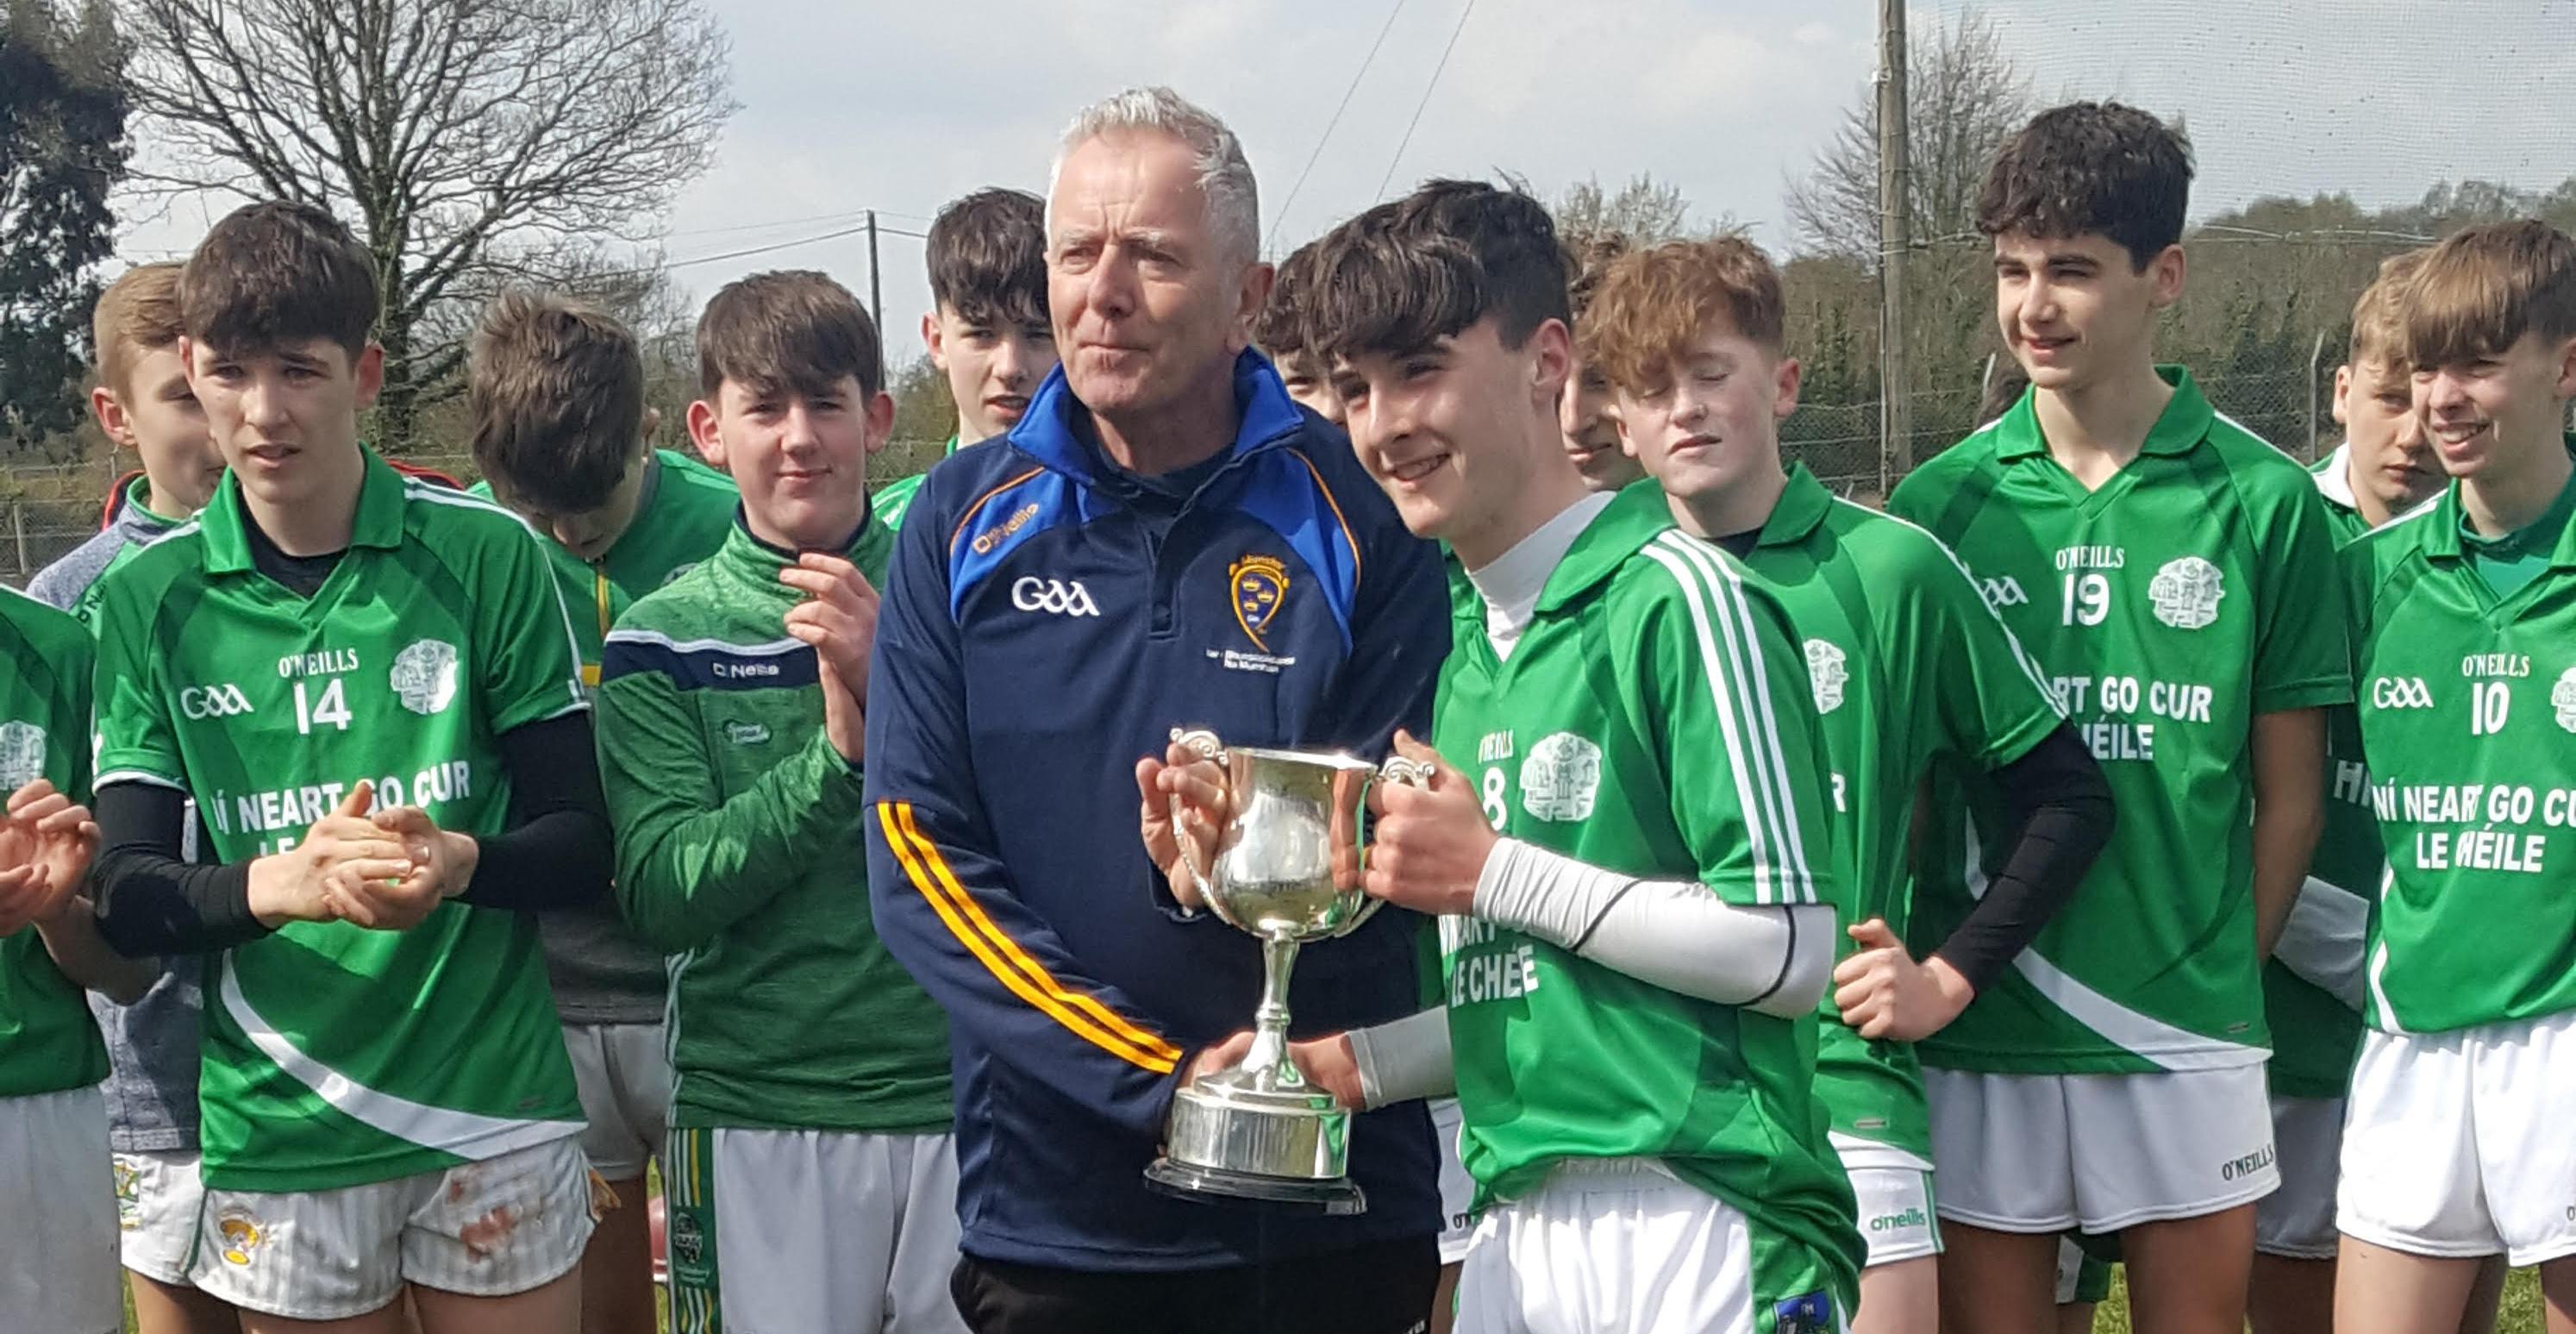 Munster GAA PPS Corn Chaoimhín Uí Mhearáin (Under 15 D Hurling) Final 2018/2019 – Scoil Mhuire & Ide Newcastle West 3-10 Ballingarry Presentation Secondary 3-4